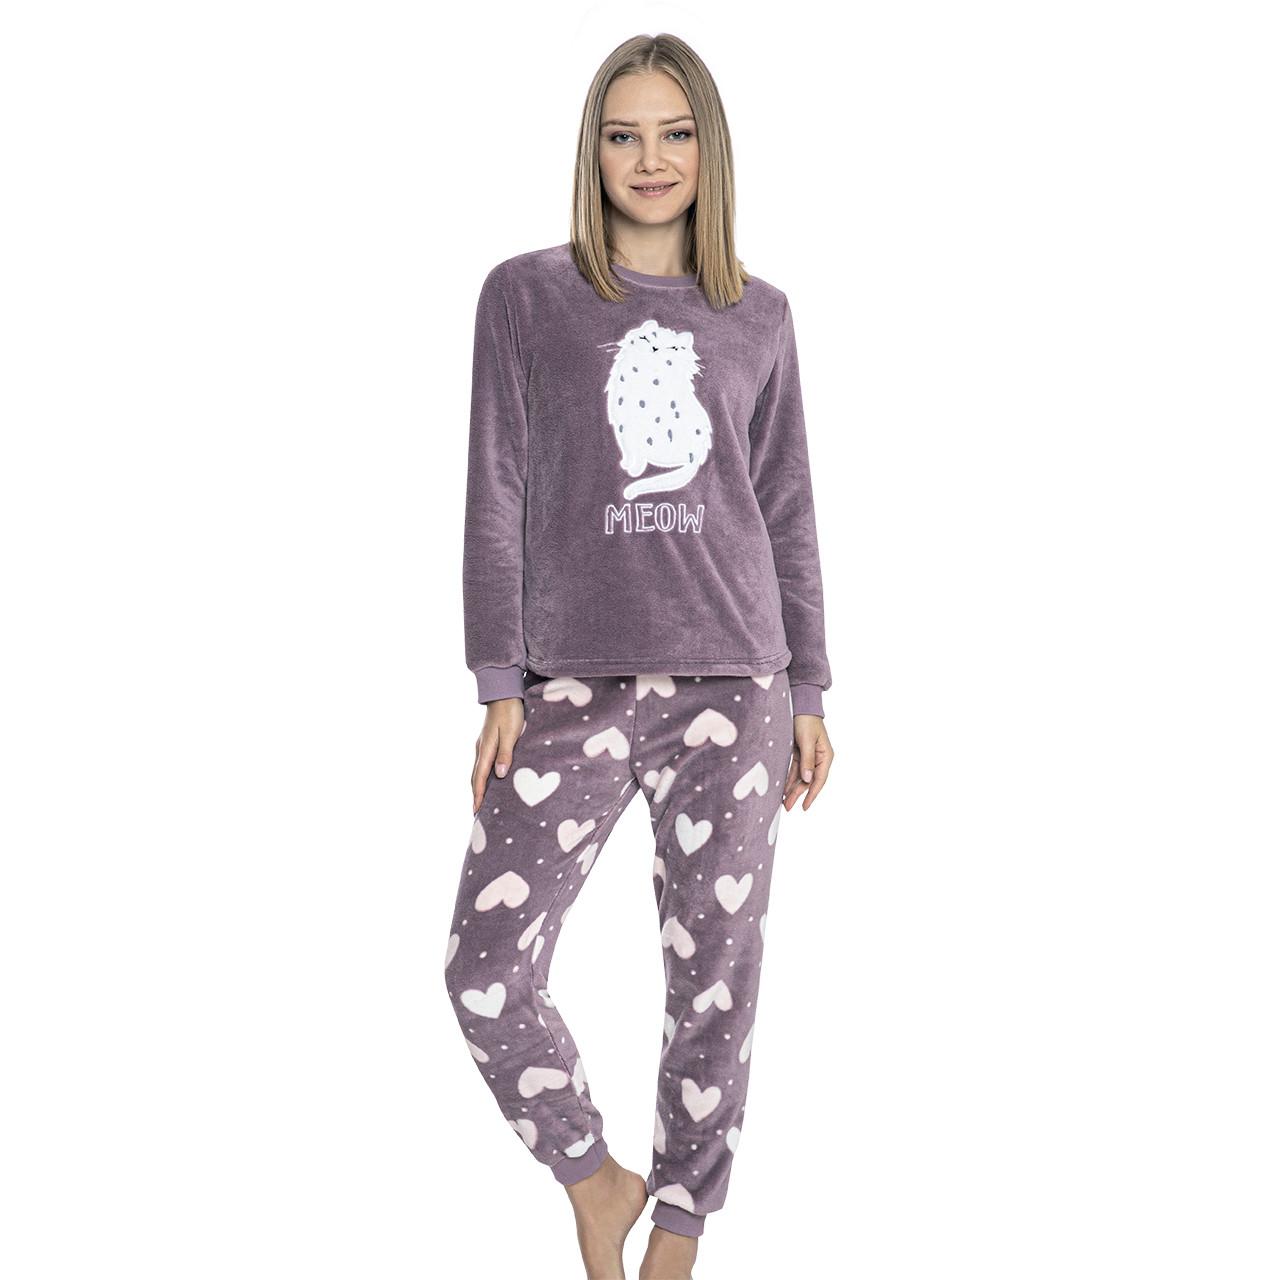 Пижама женская турецкая теплая, домашние костюмы Meow